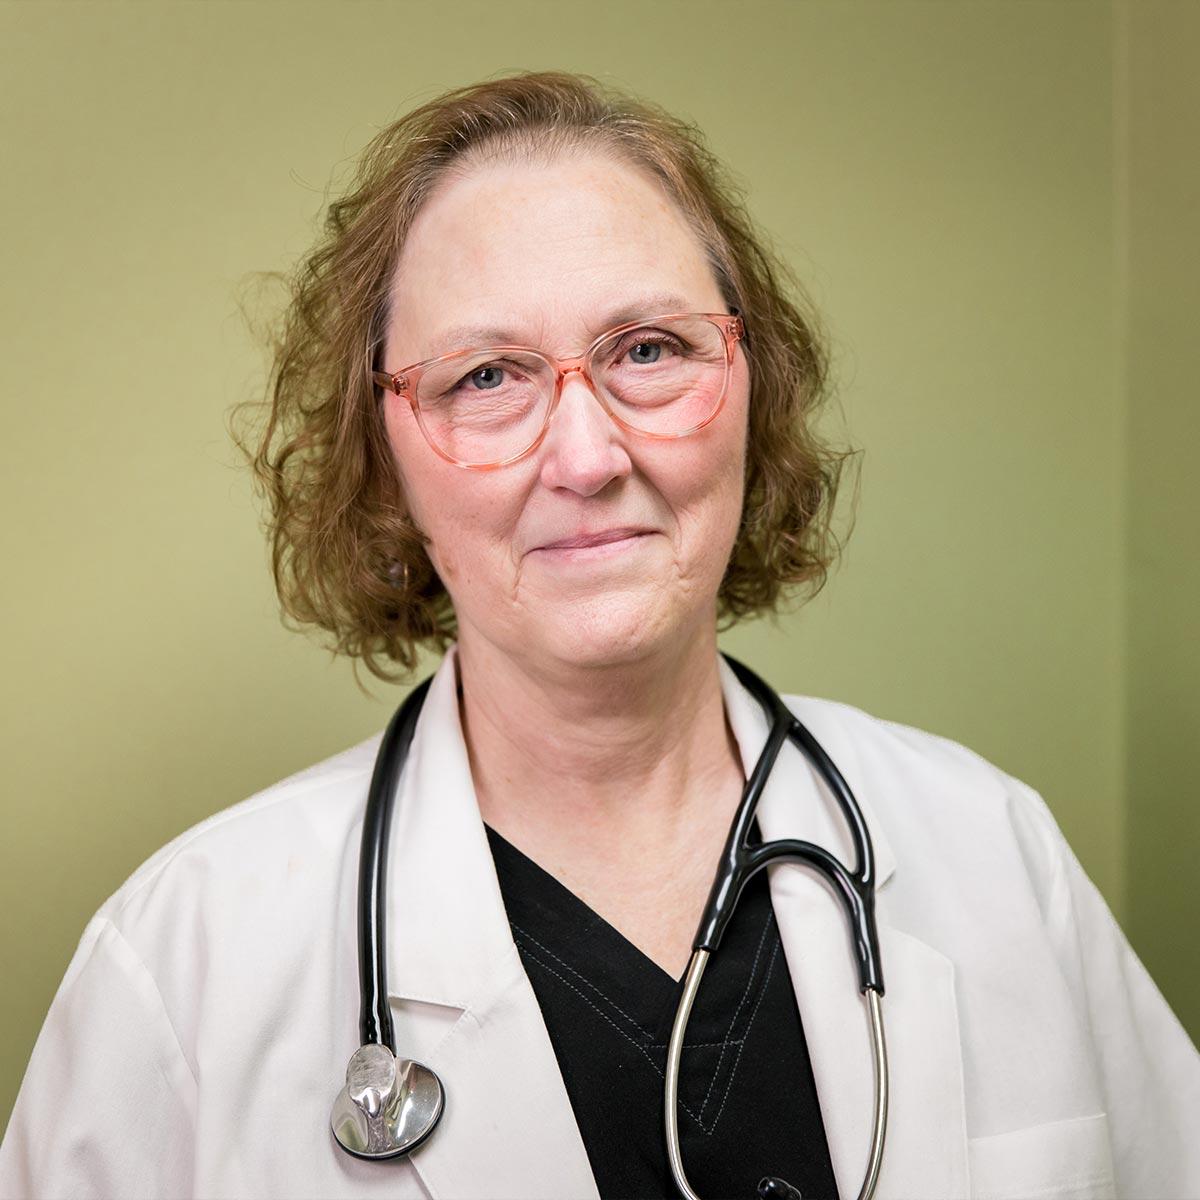 Linda Lamison, CFNP